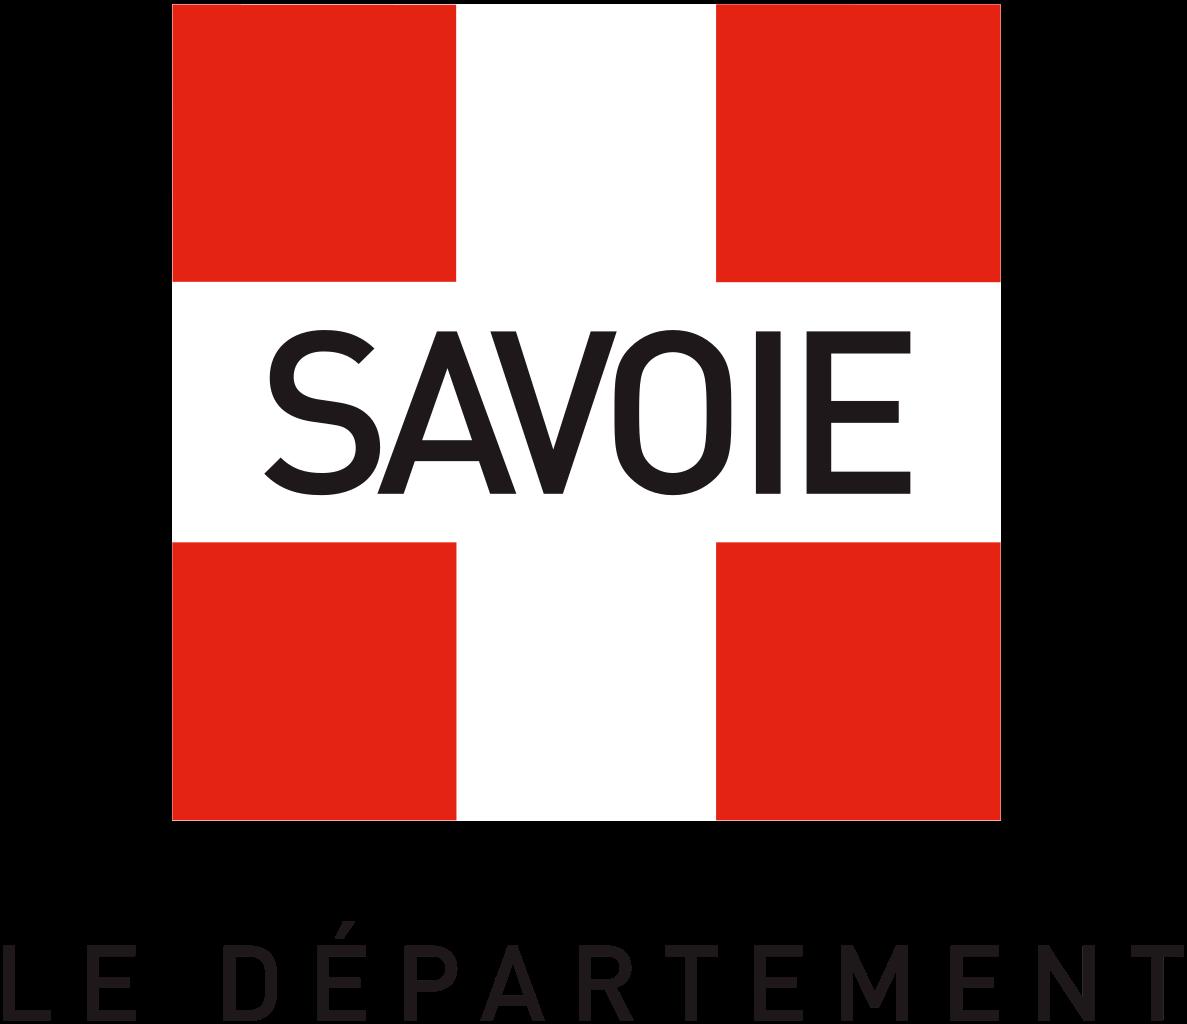 Département de Savoie